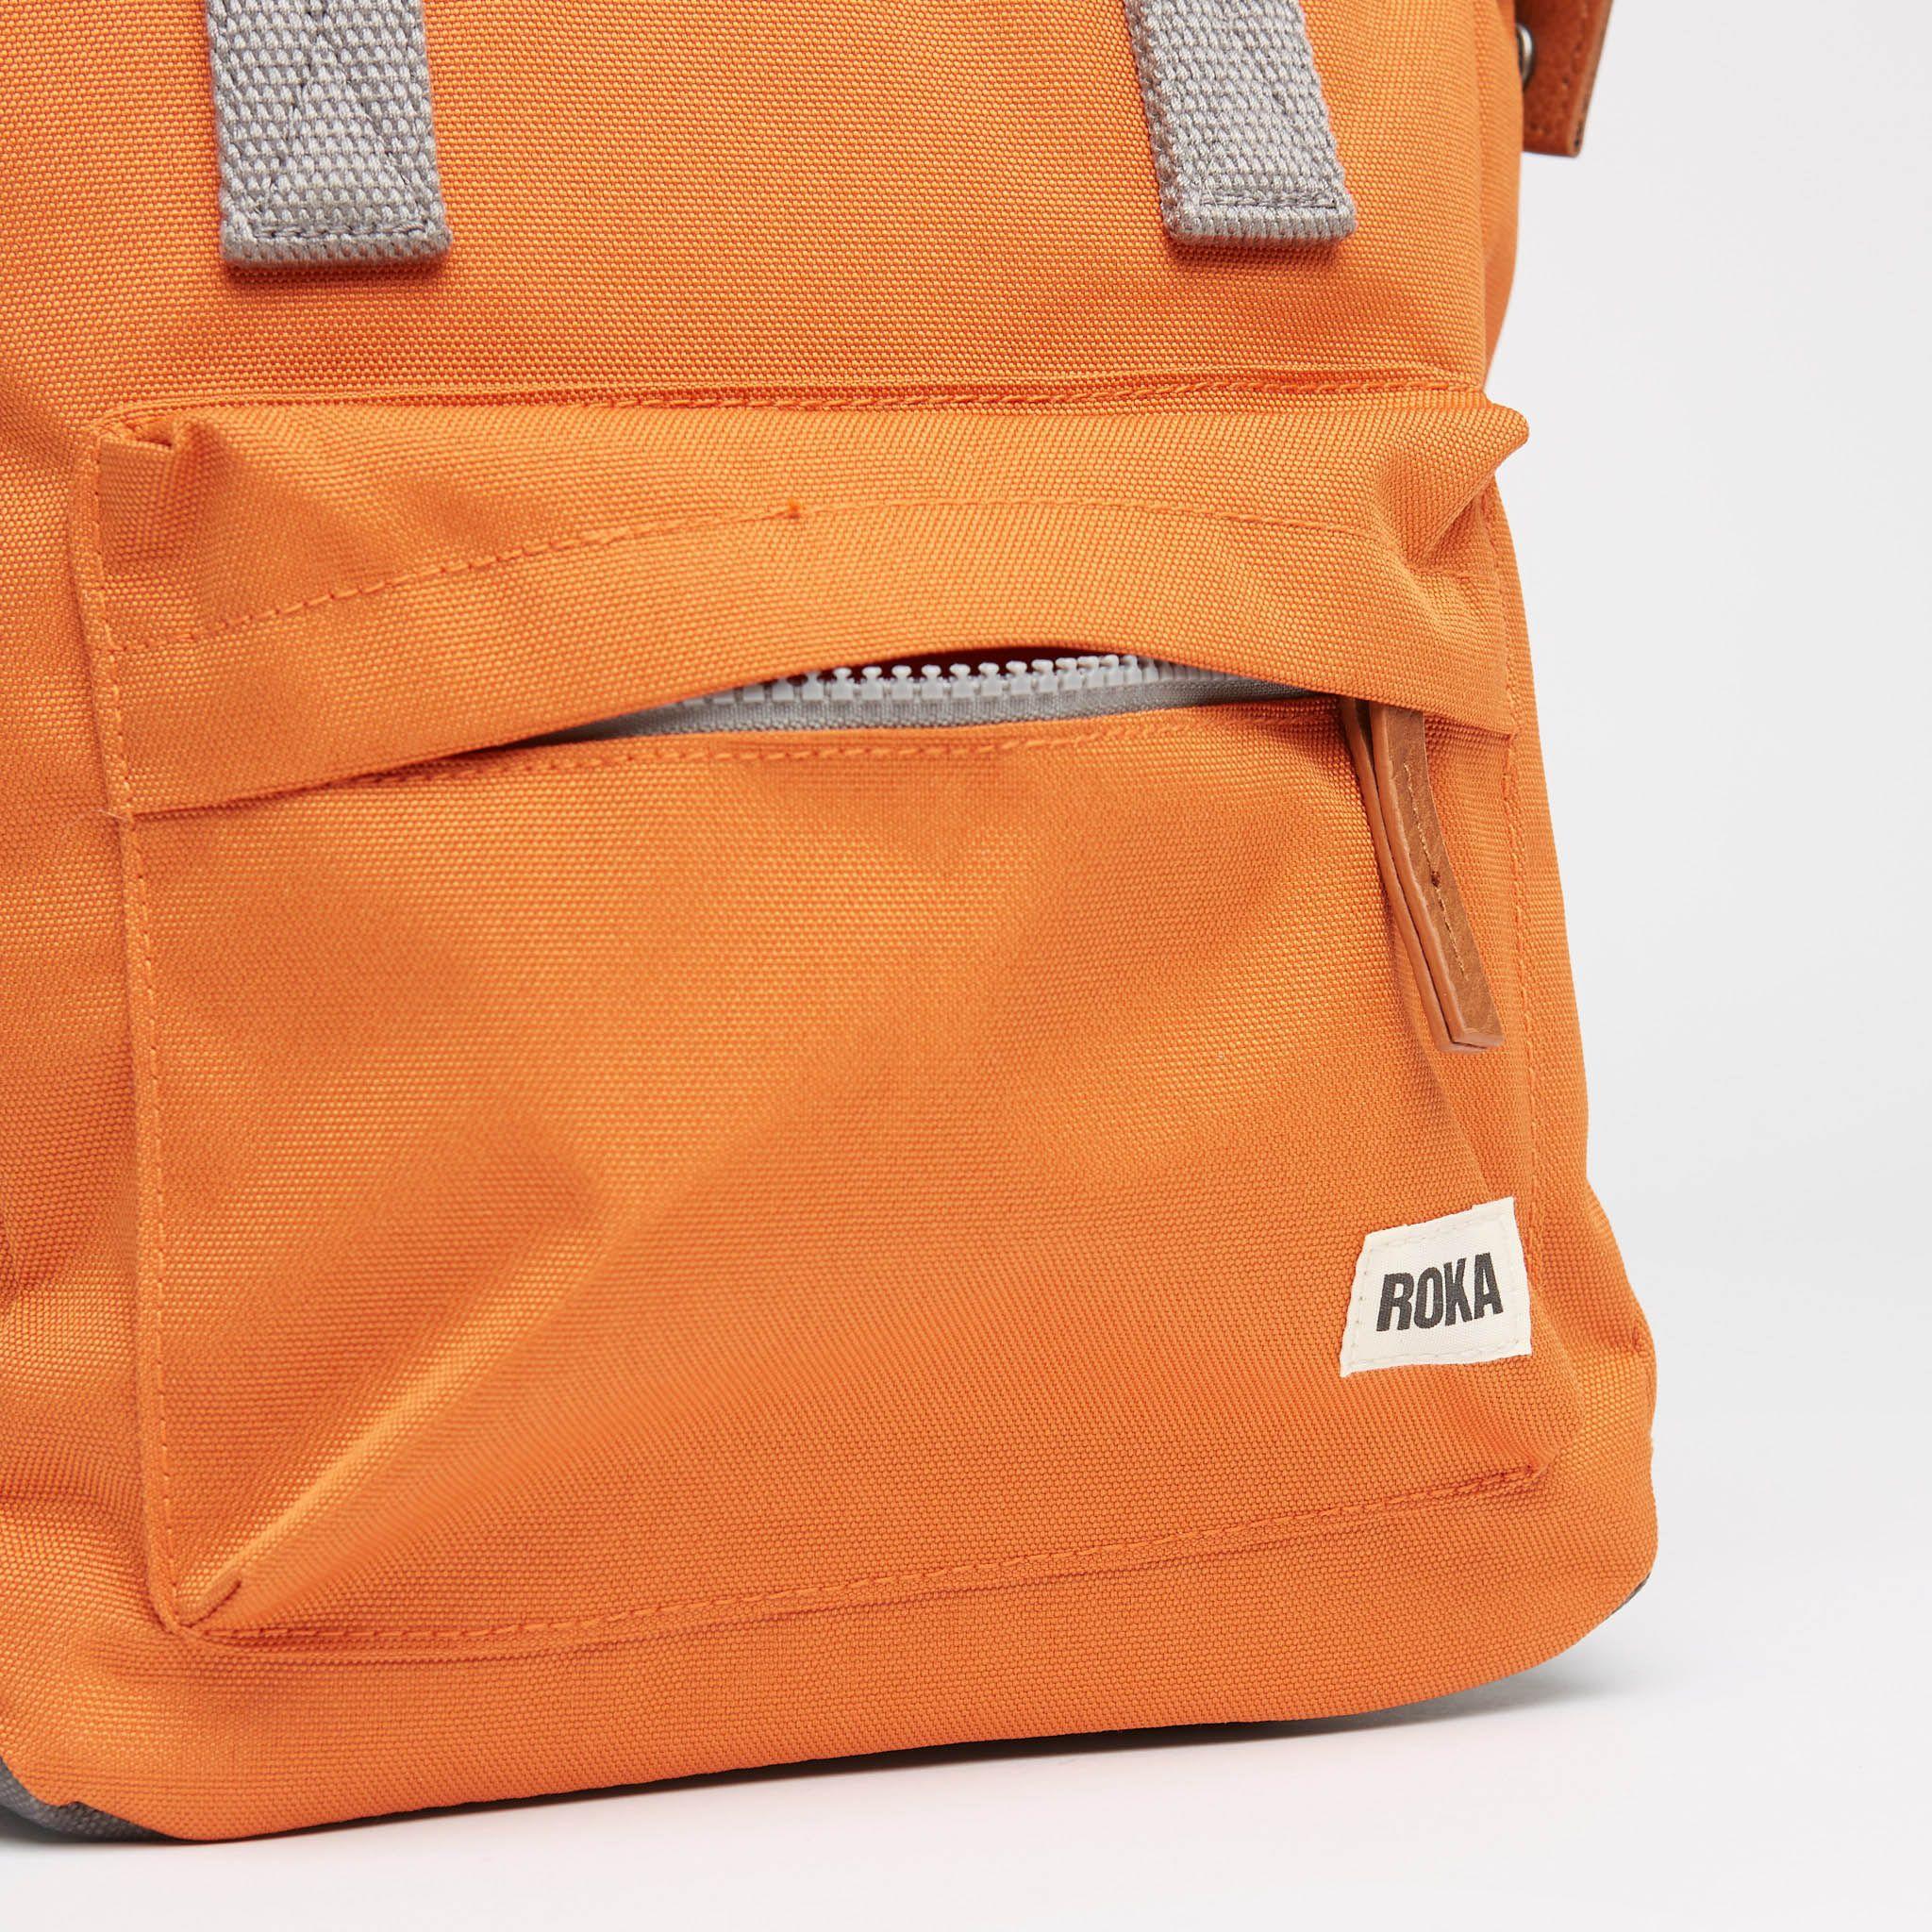 Roka Backpack Orange Small